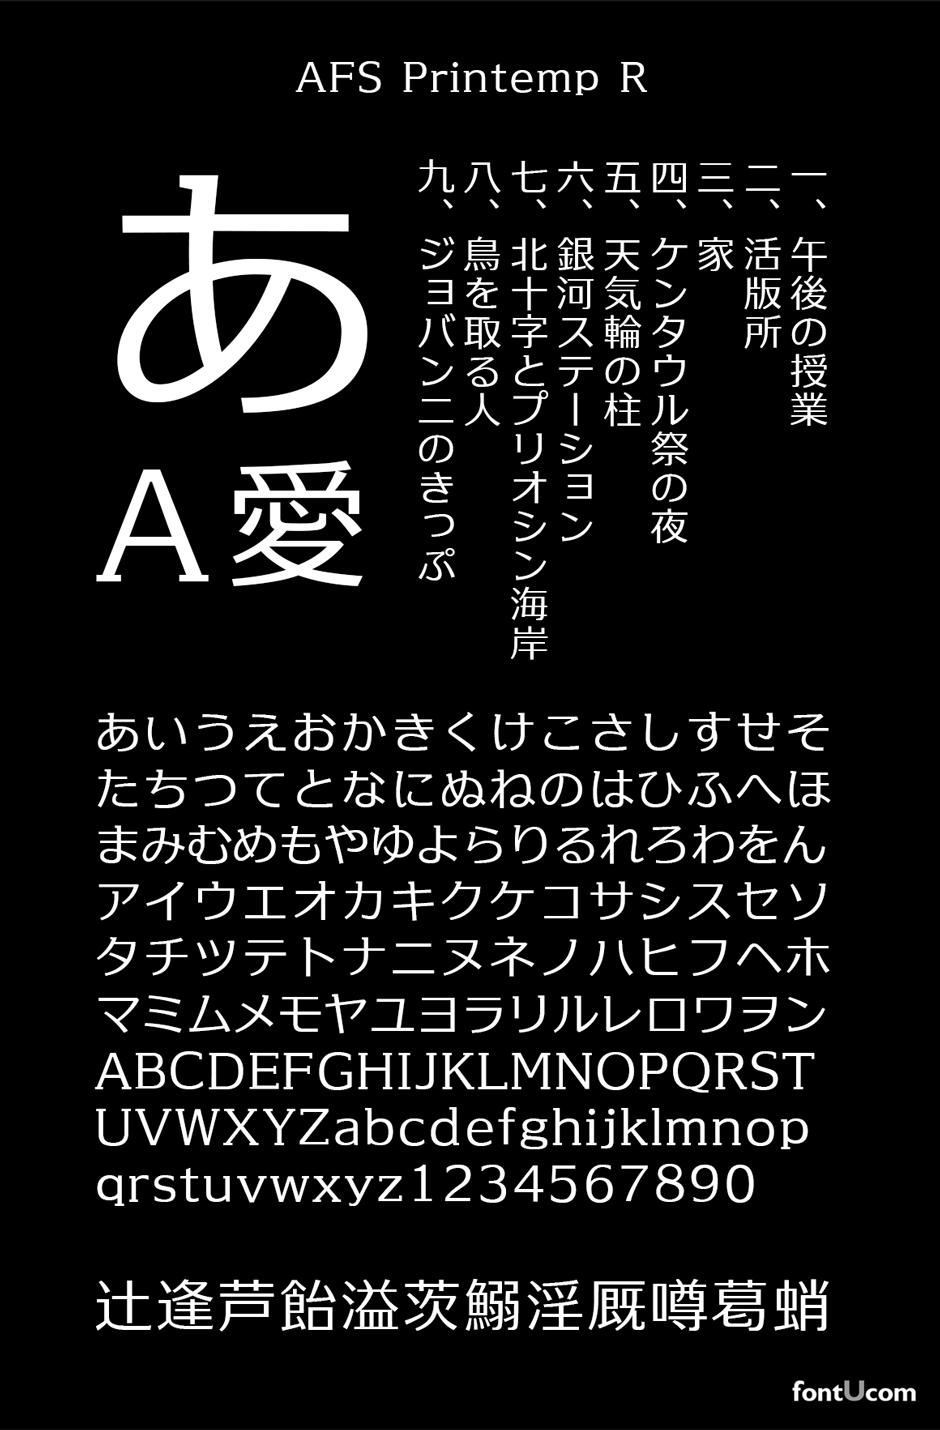 AFS Printemps R